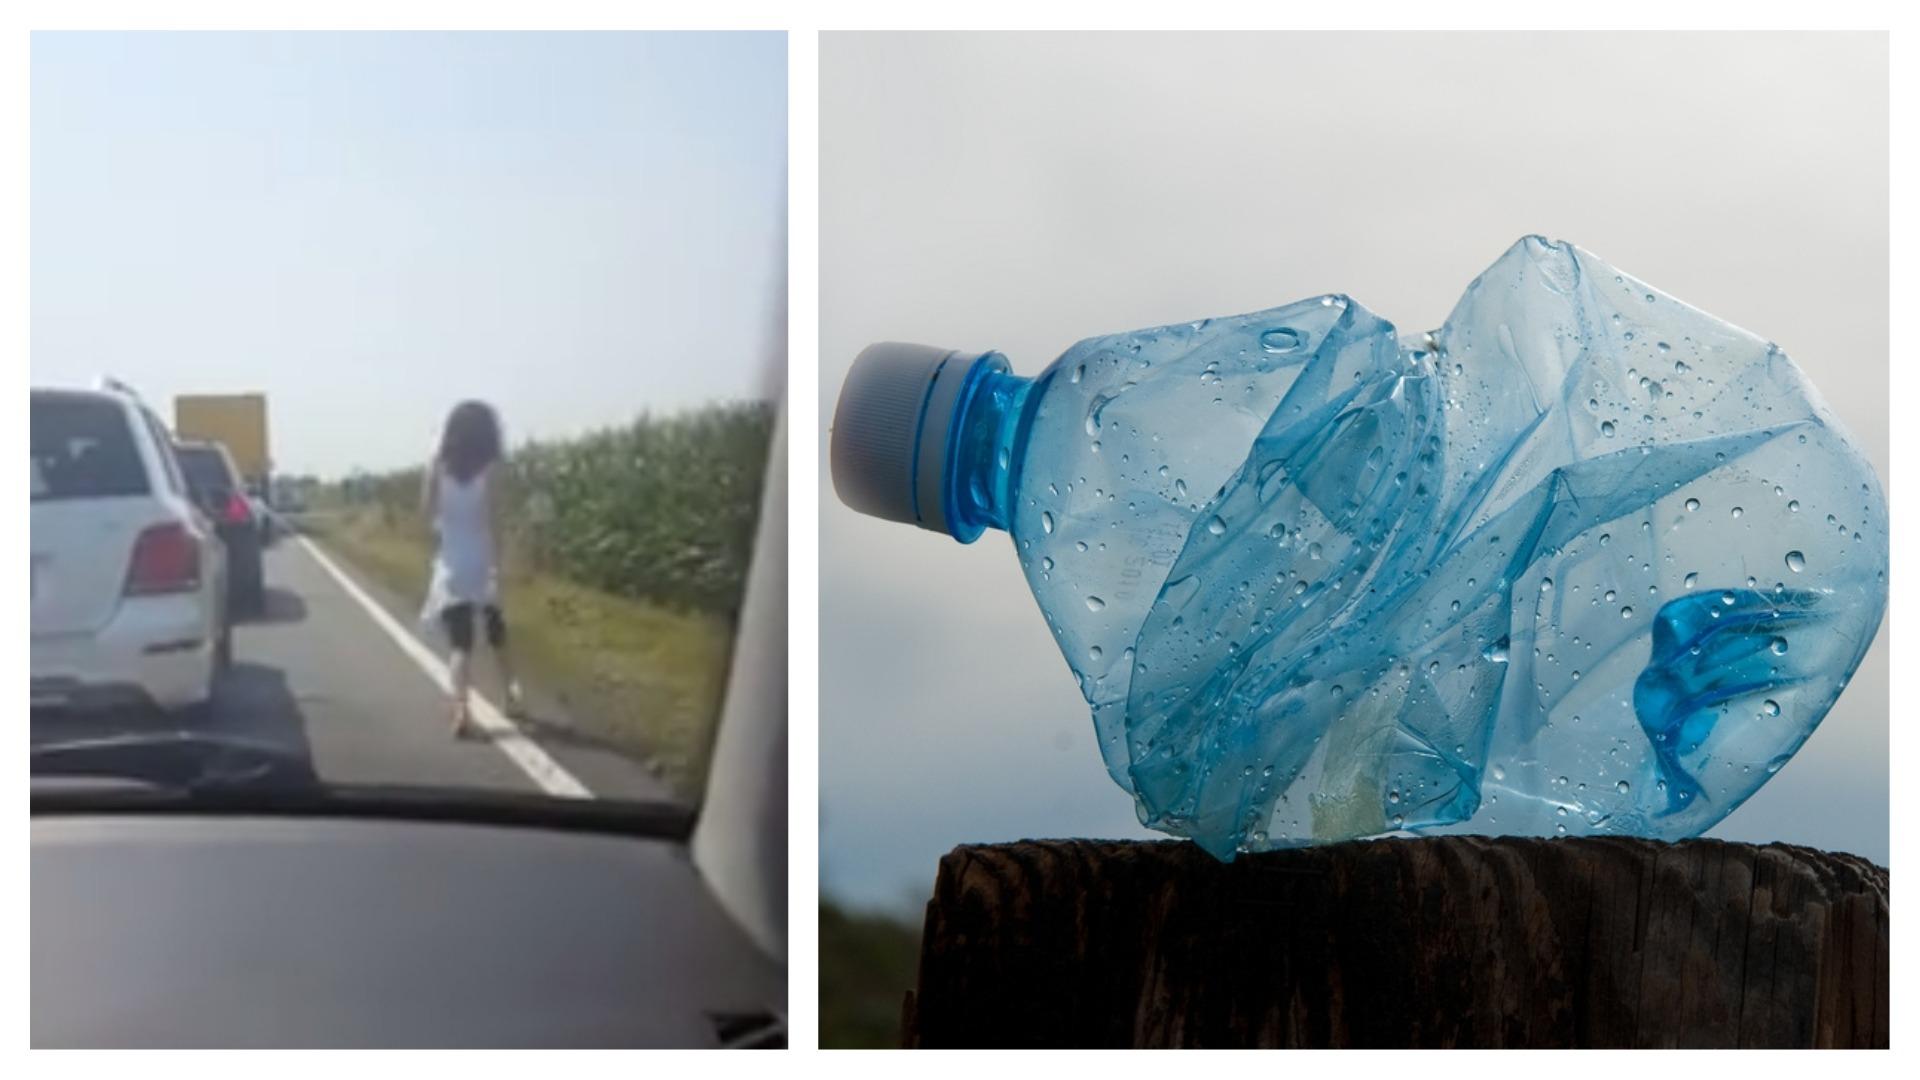 sticlă plastic aruncată mașină